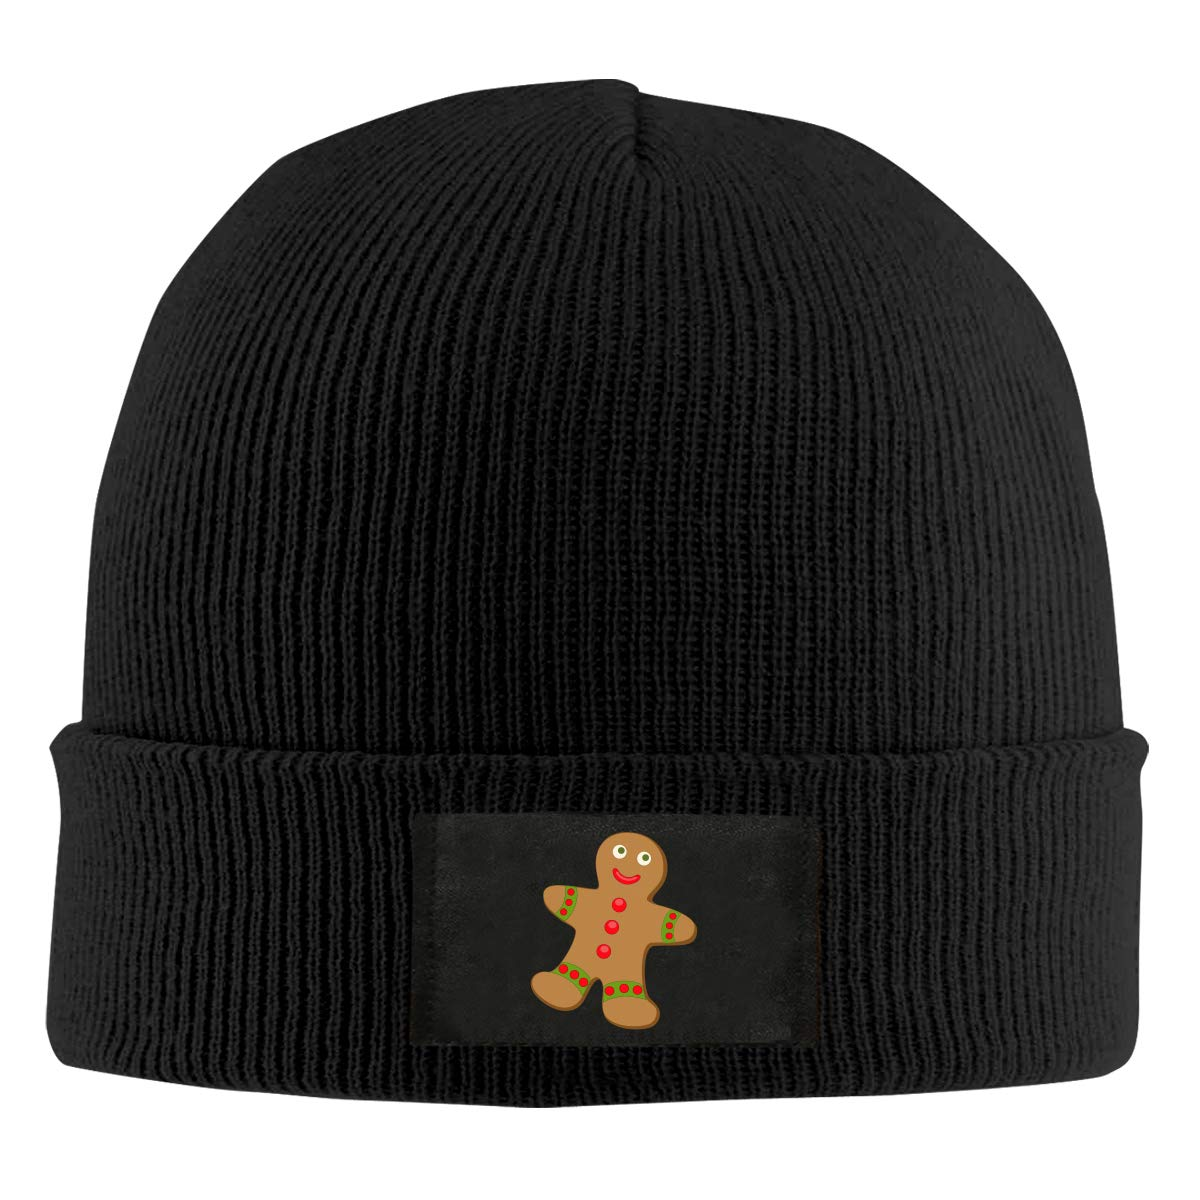 Xdinfong Chistmas Cuties Gingerbread Man Winter Beanie Hat Knit Hat Cap for Men /& Women